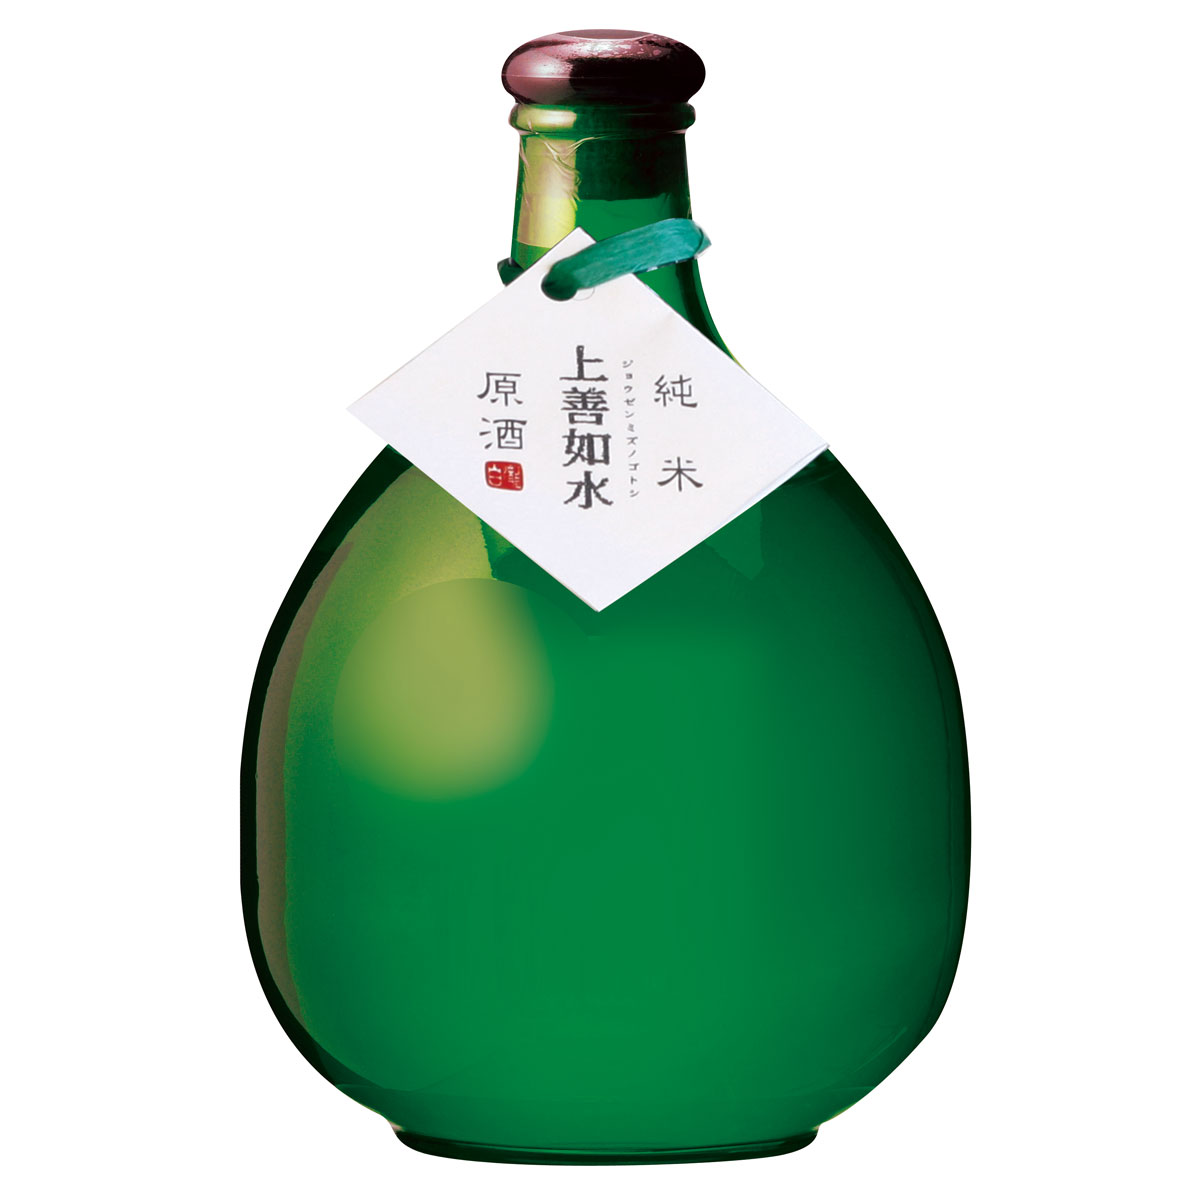 上善如水 純米 原酒 720ml